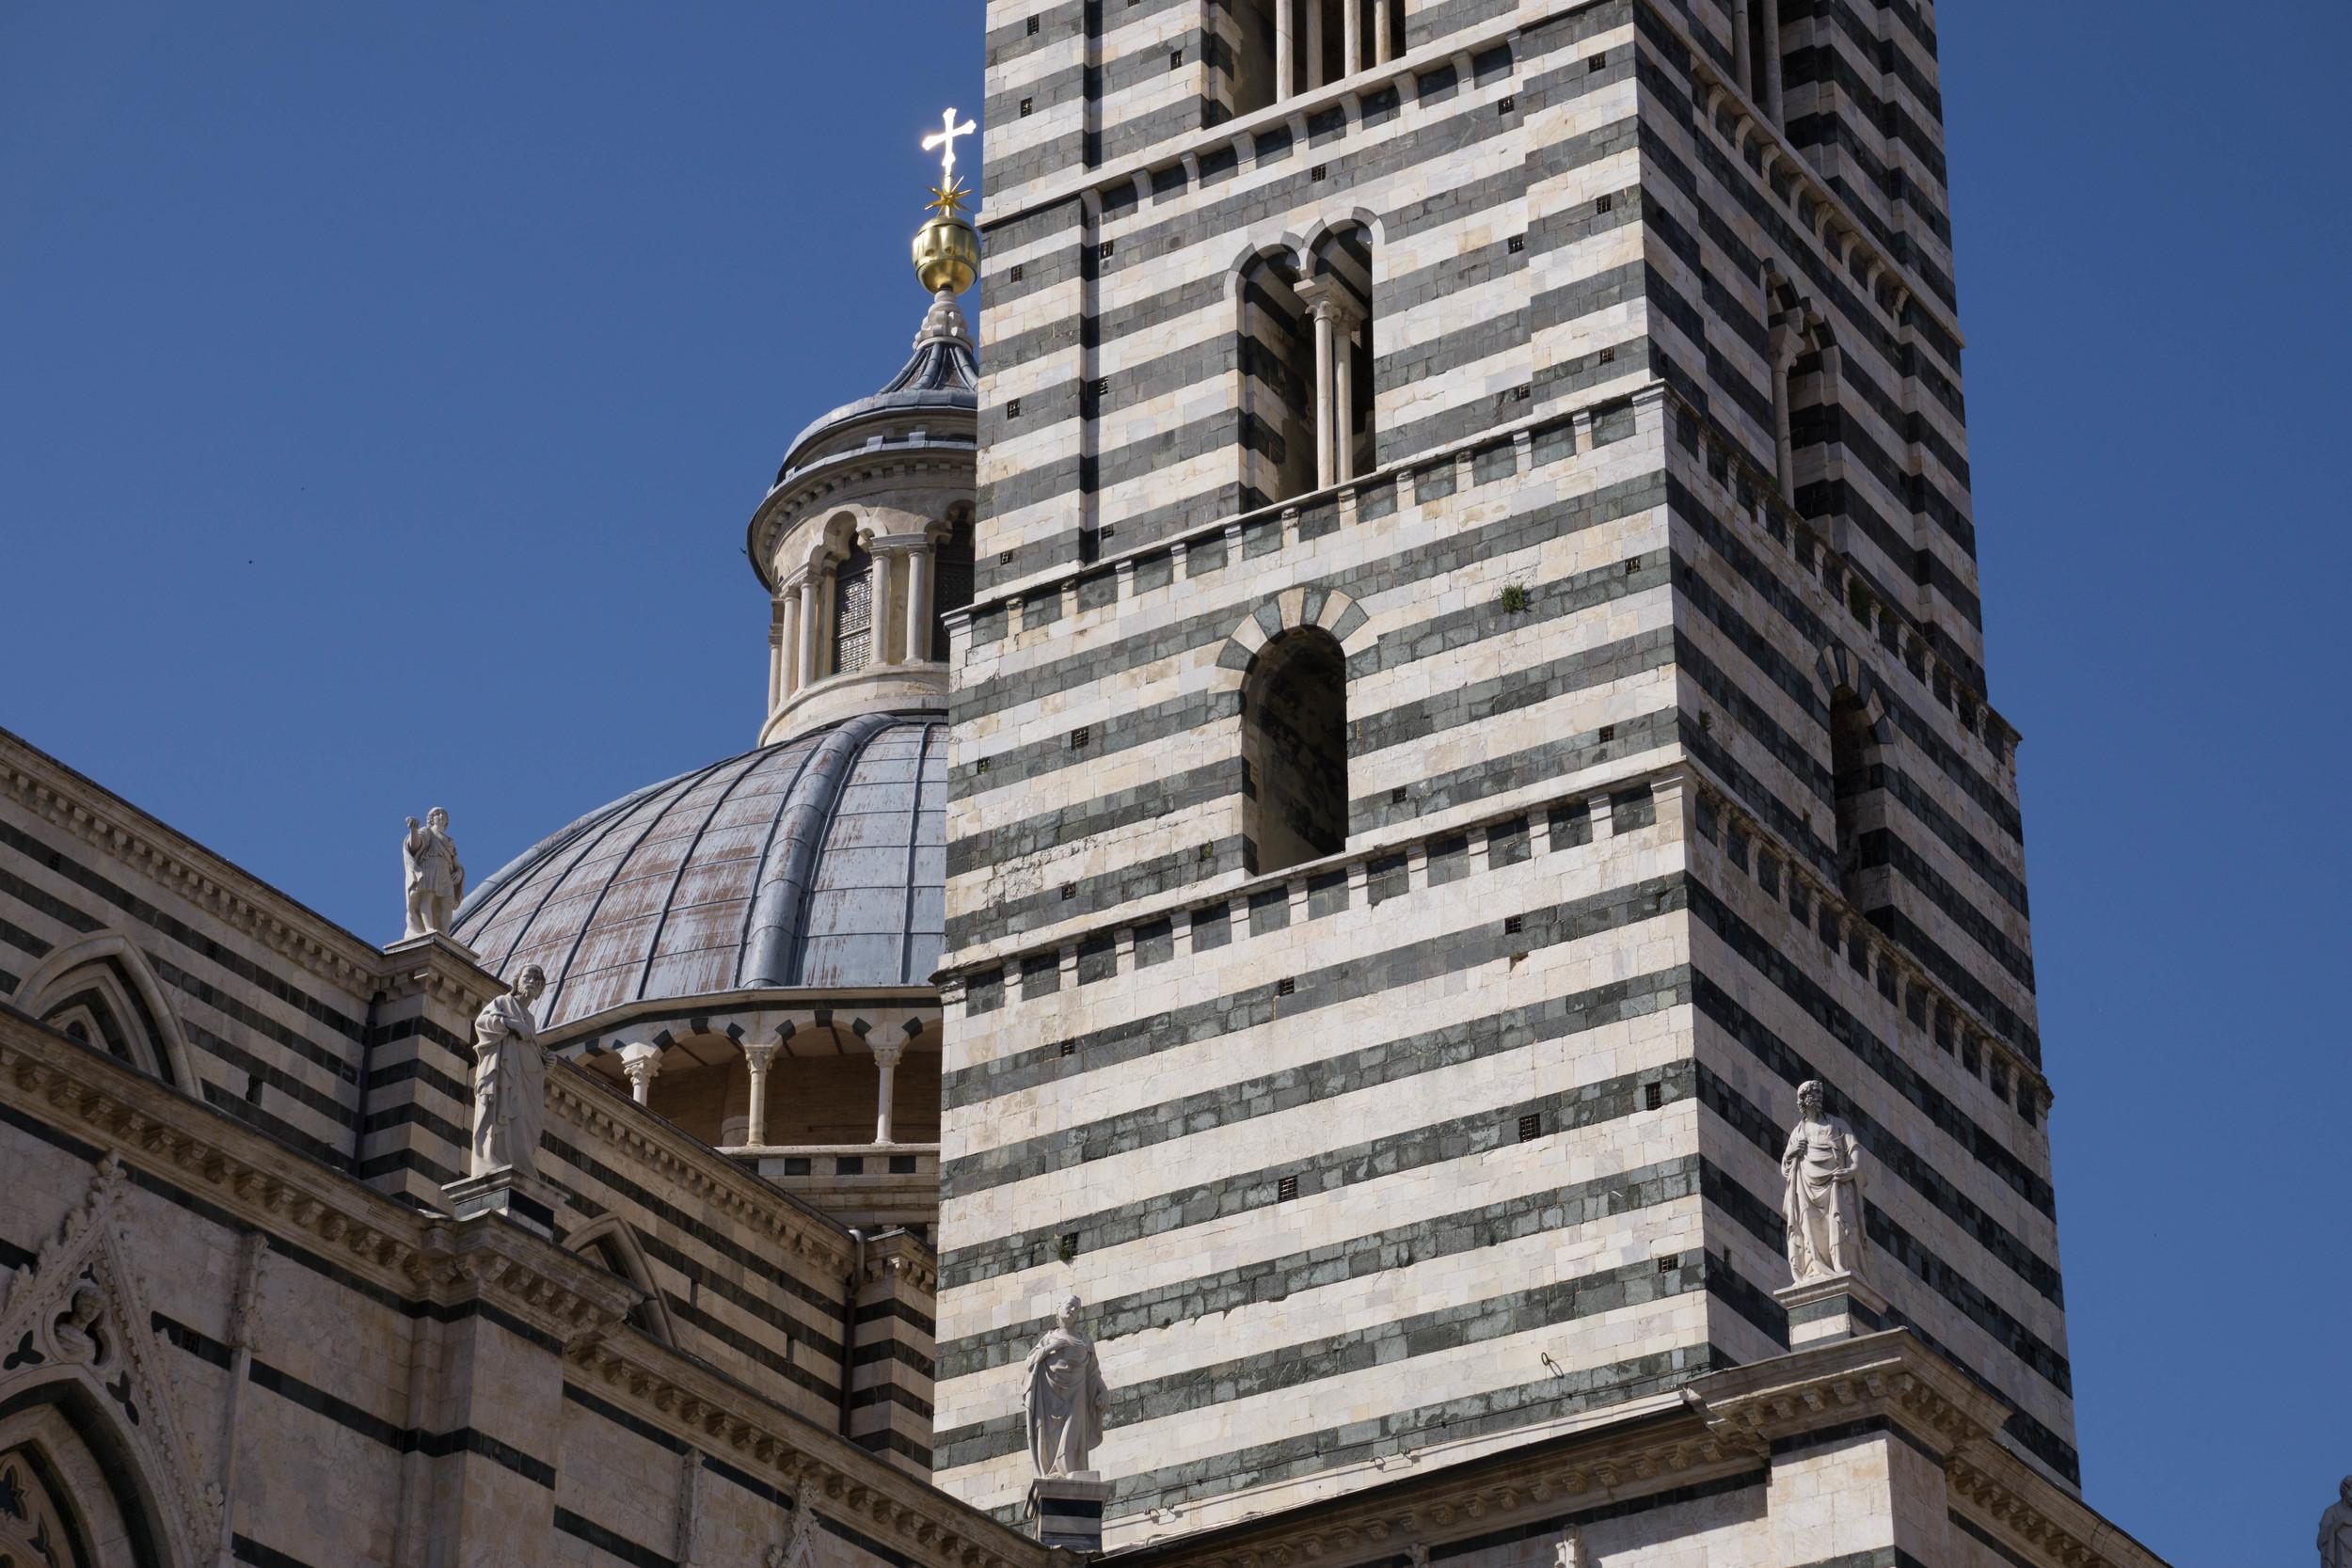 Cattedrale Metropolitana di Santa Maria Assunta